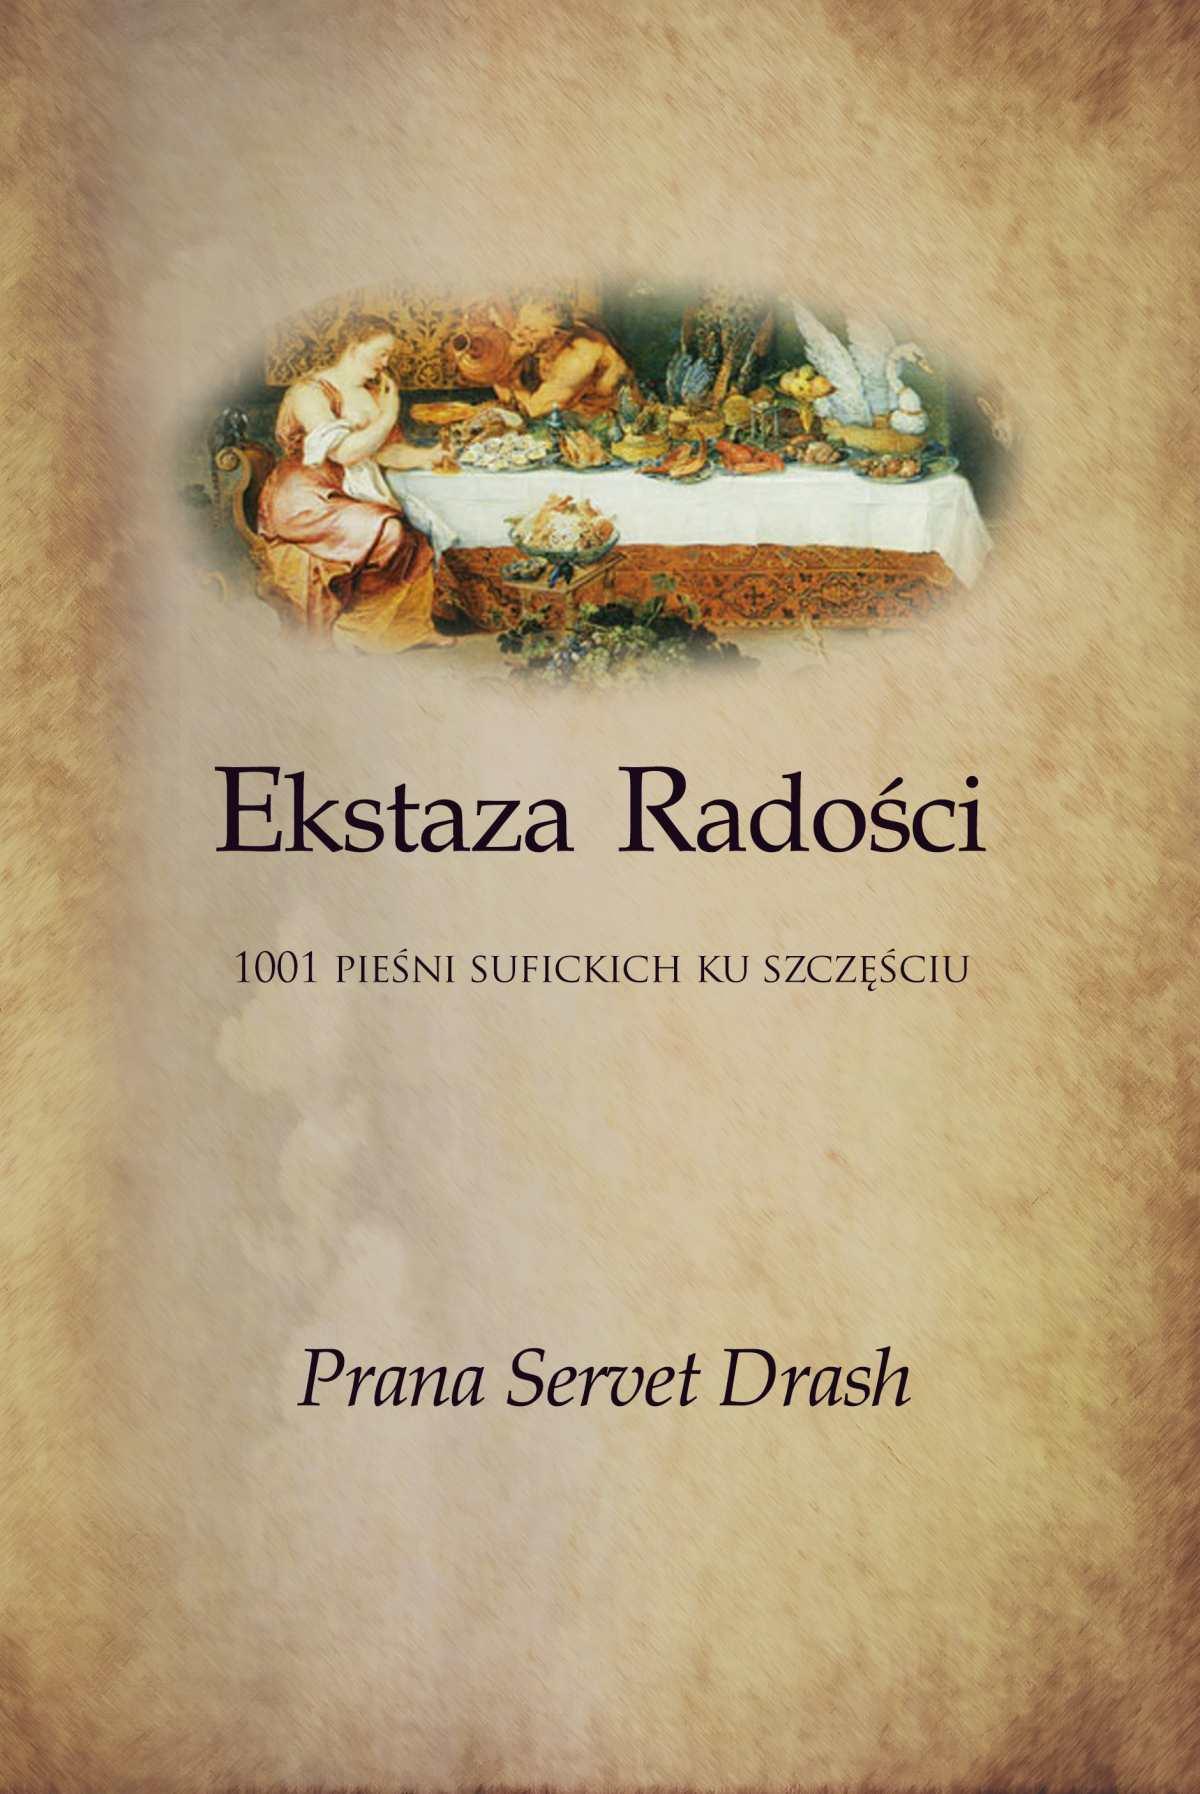 Ekstaza Radości - 1001 sufickich opowieści ku Szczęściu - Ebook (Książka na Kindle) do pobrania w formacie MOBI